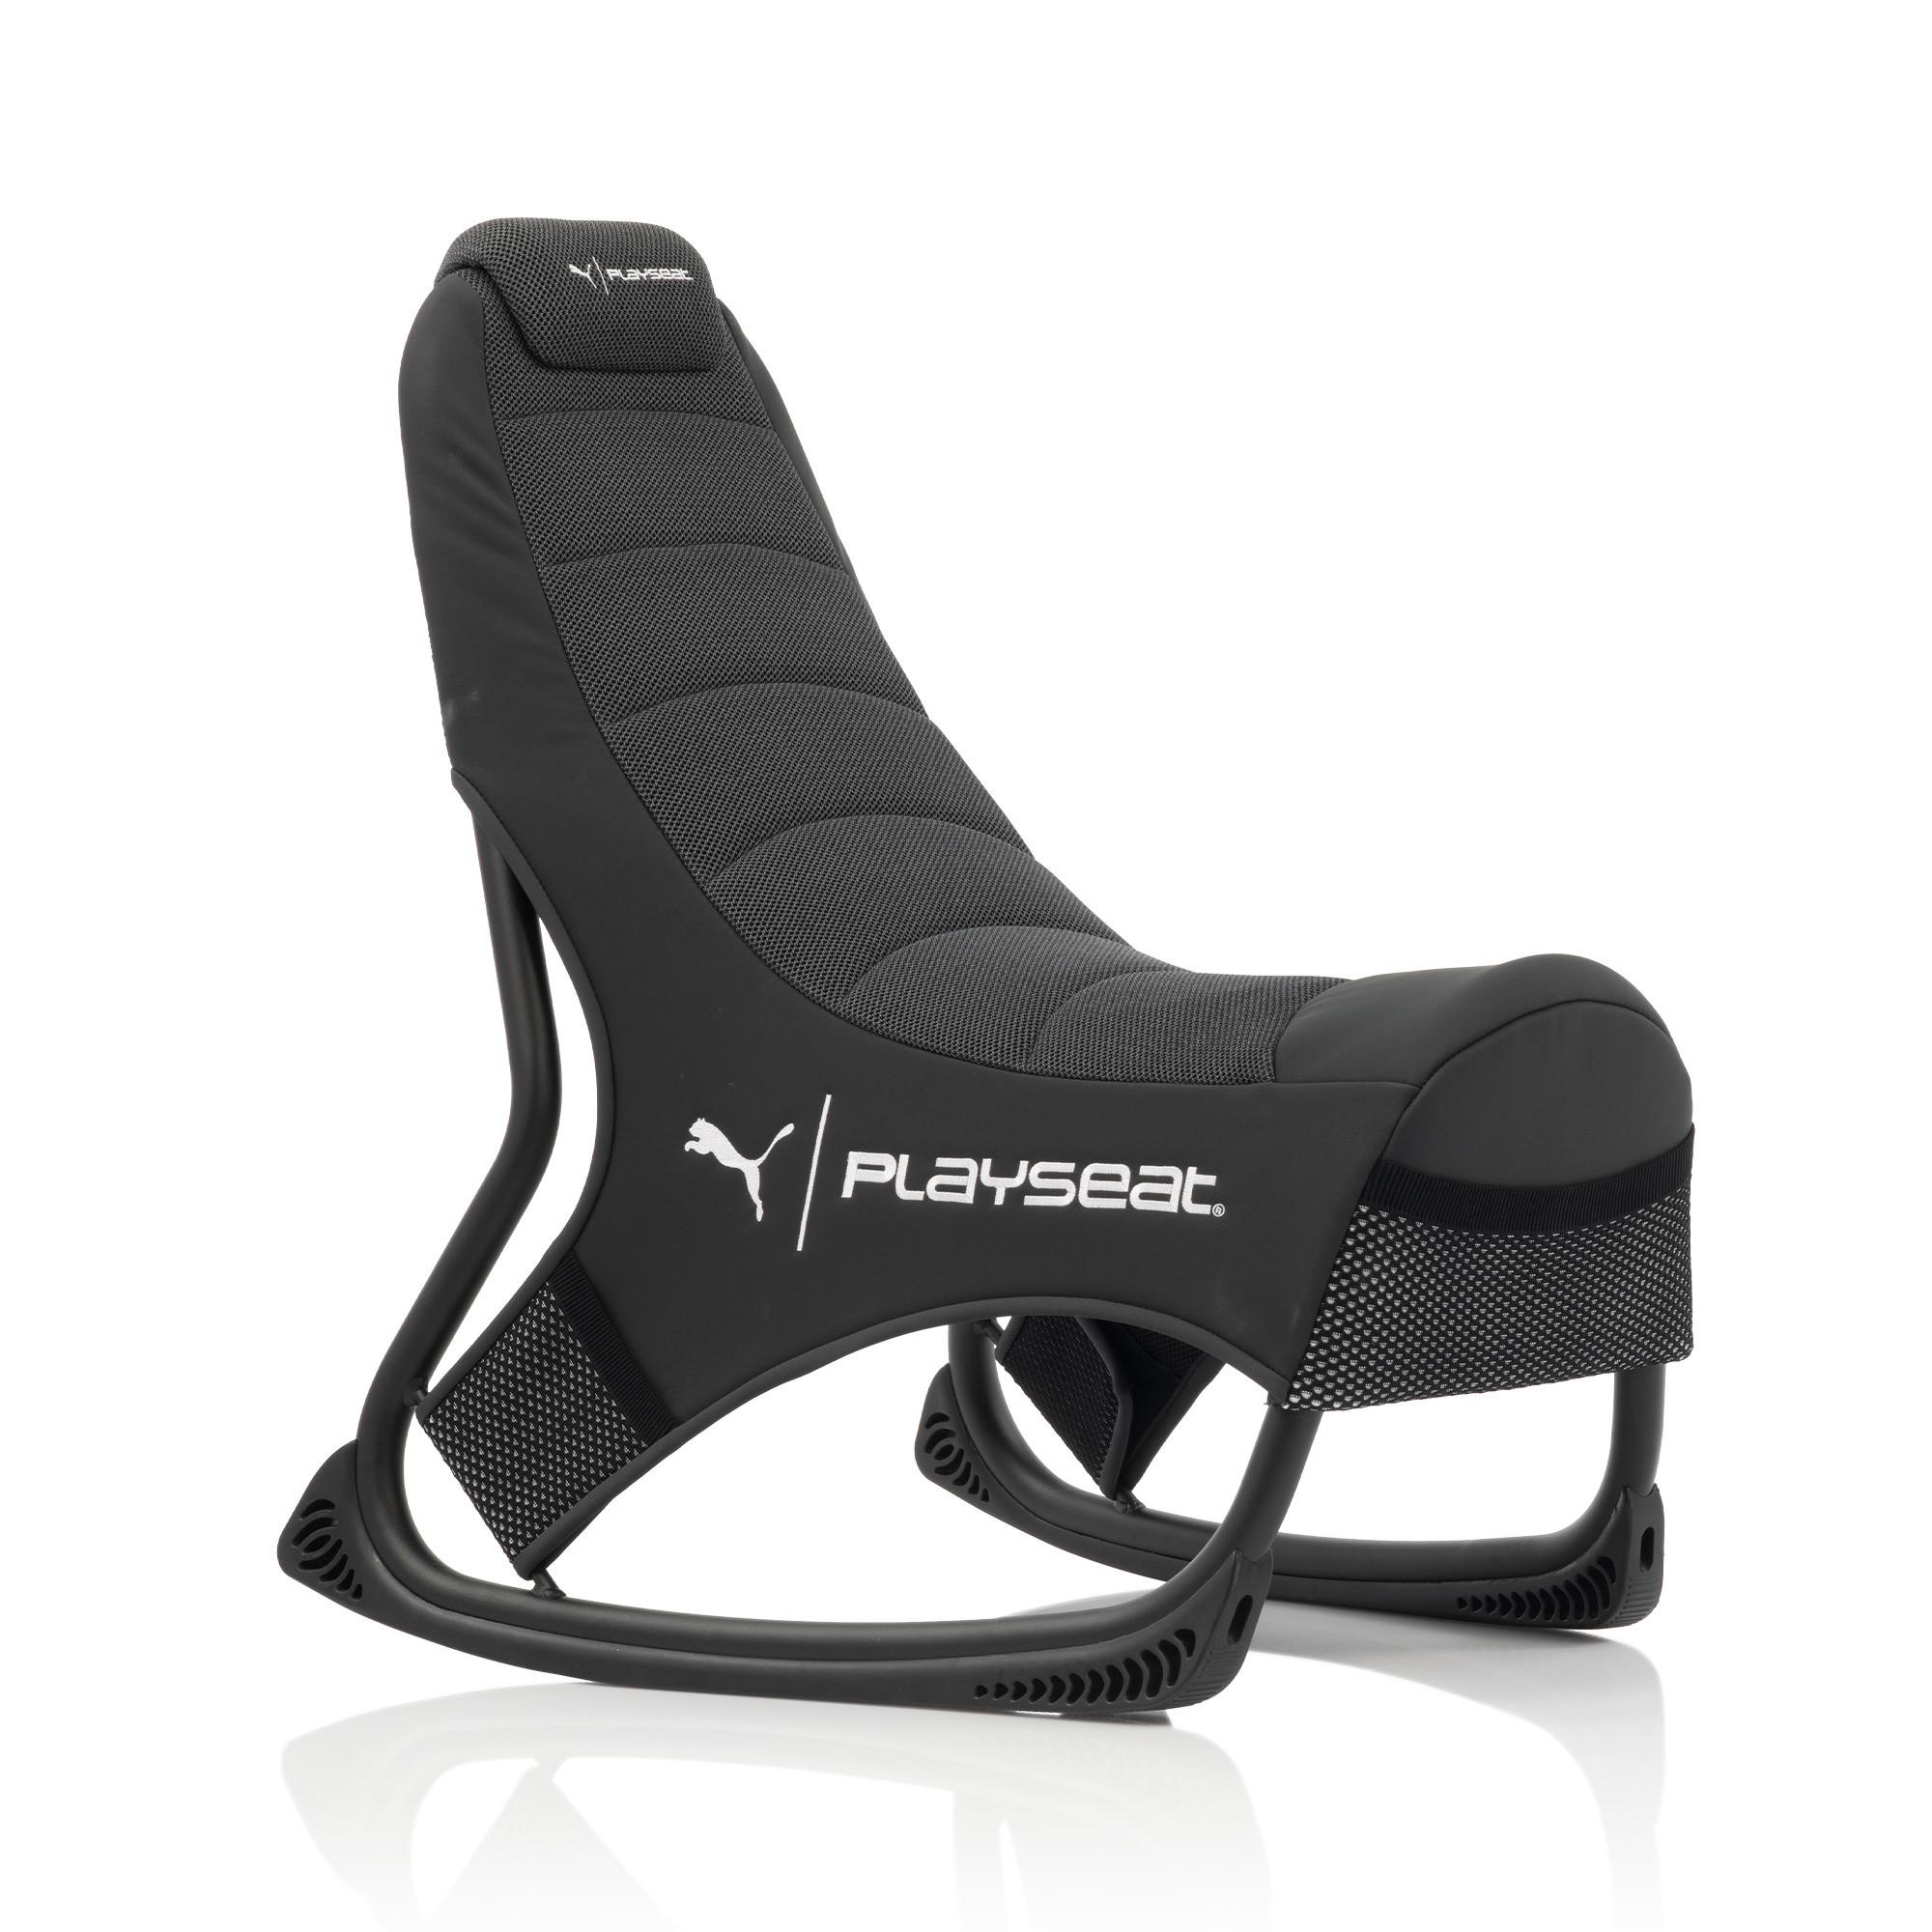 身体の動きに合わせ、シートがアクティブに作動する設計となっており、ゲームのプレイ中に前傾姿勢になったり、後傾になったりしても、ベストなポジションをキープする